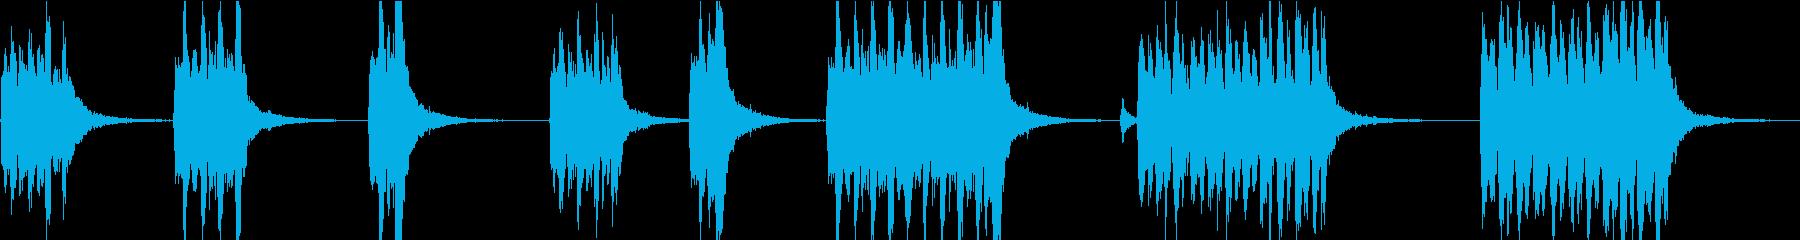 忙しいピチカートストリングシーケン...の再生済みの波形